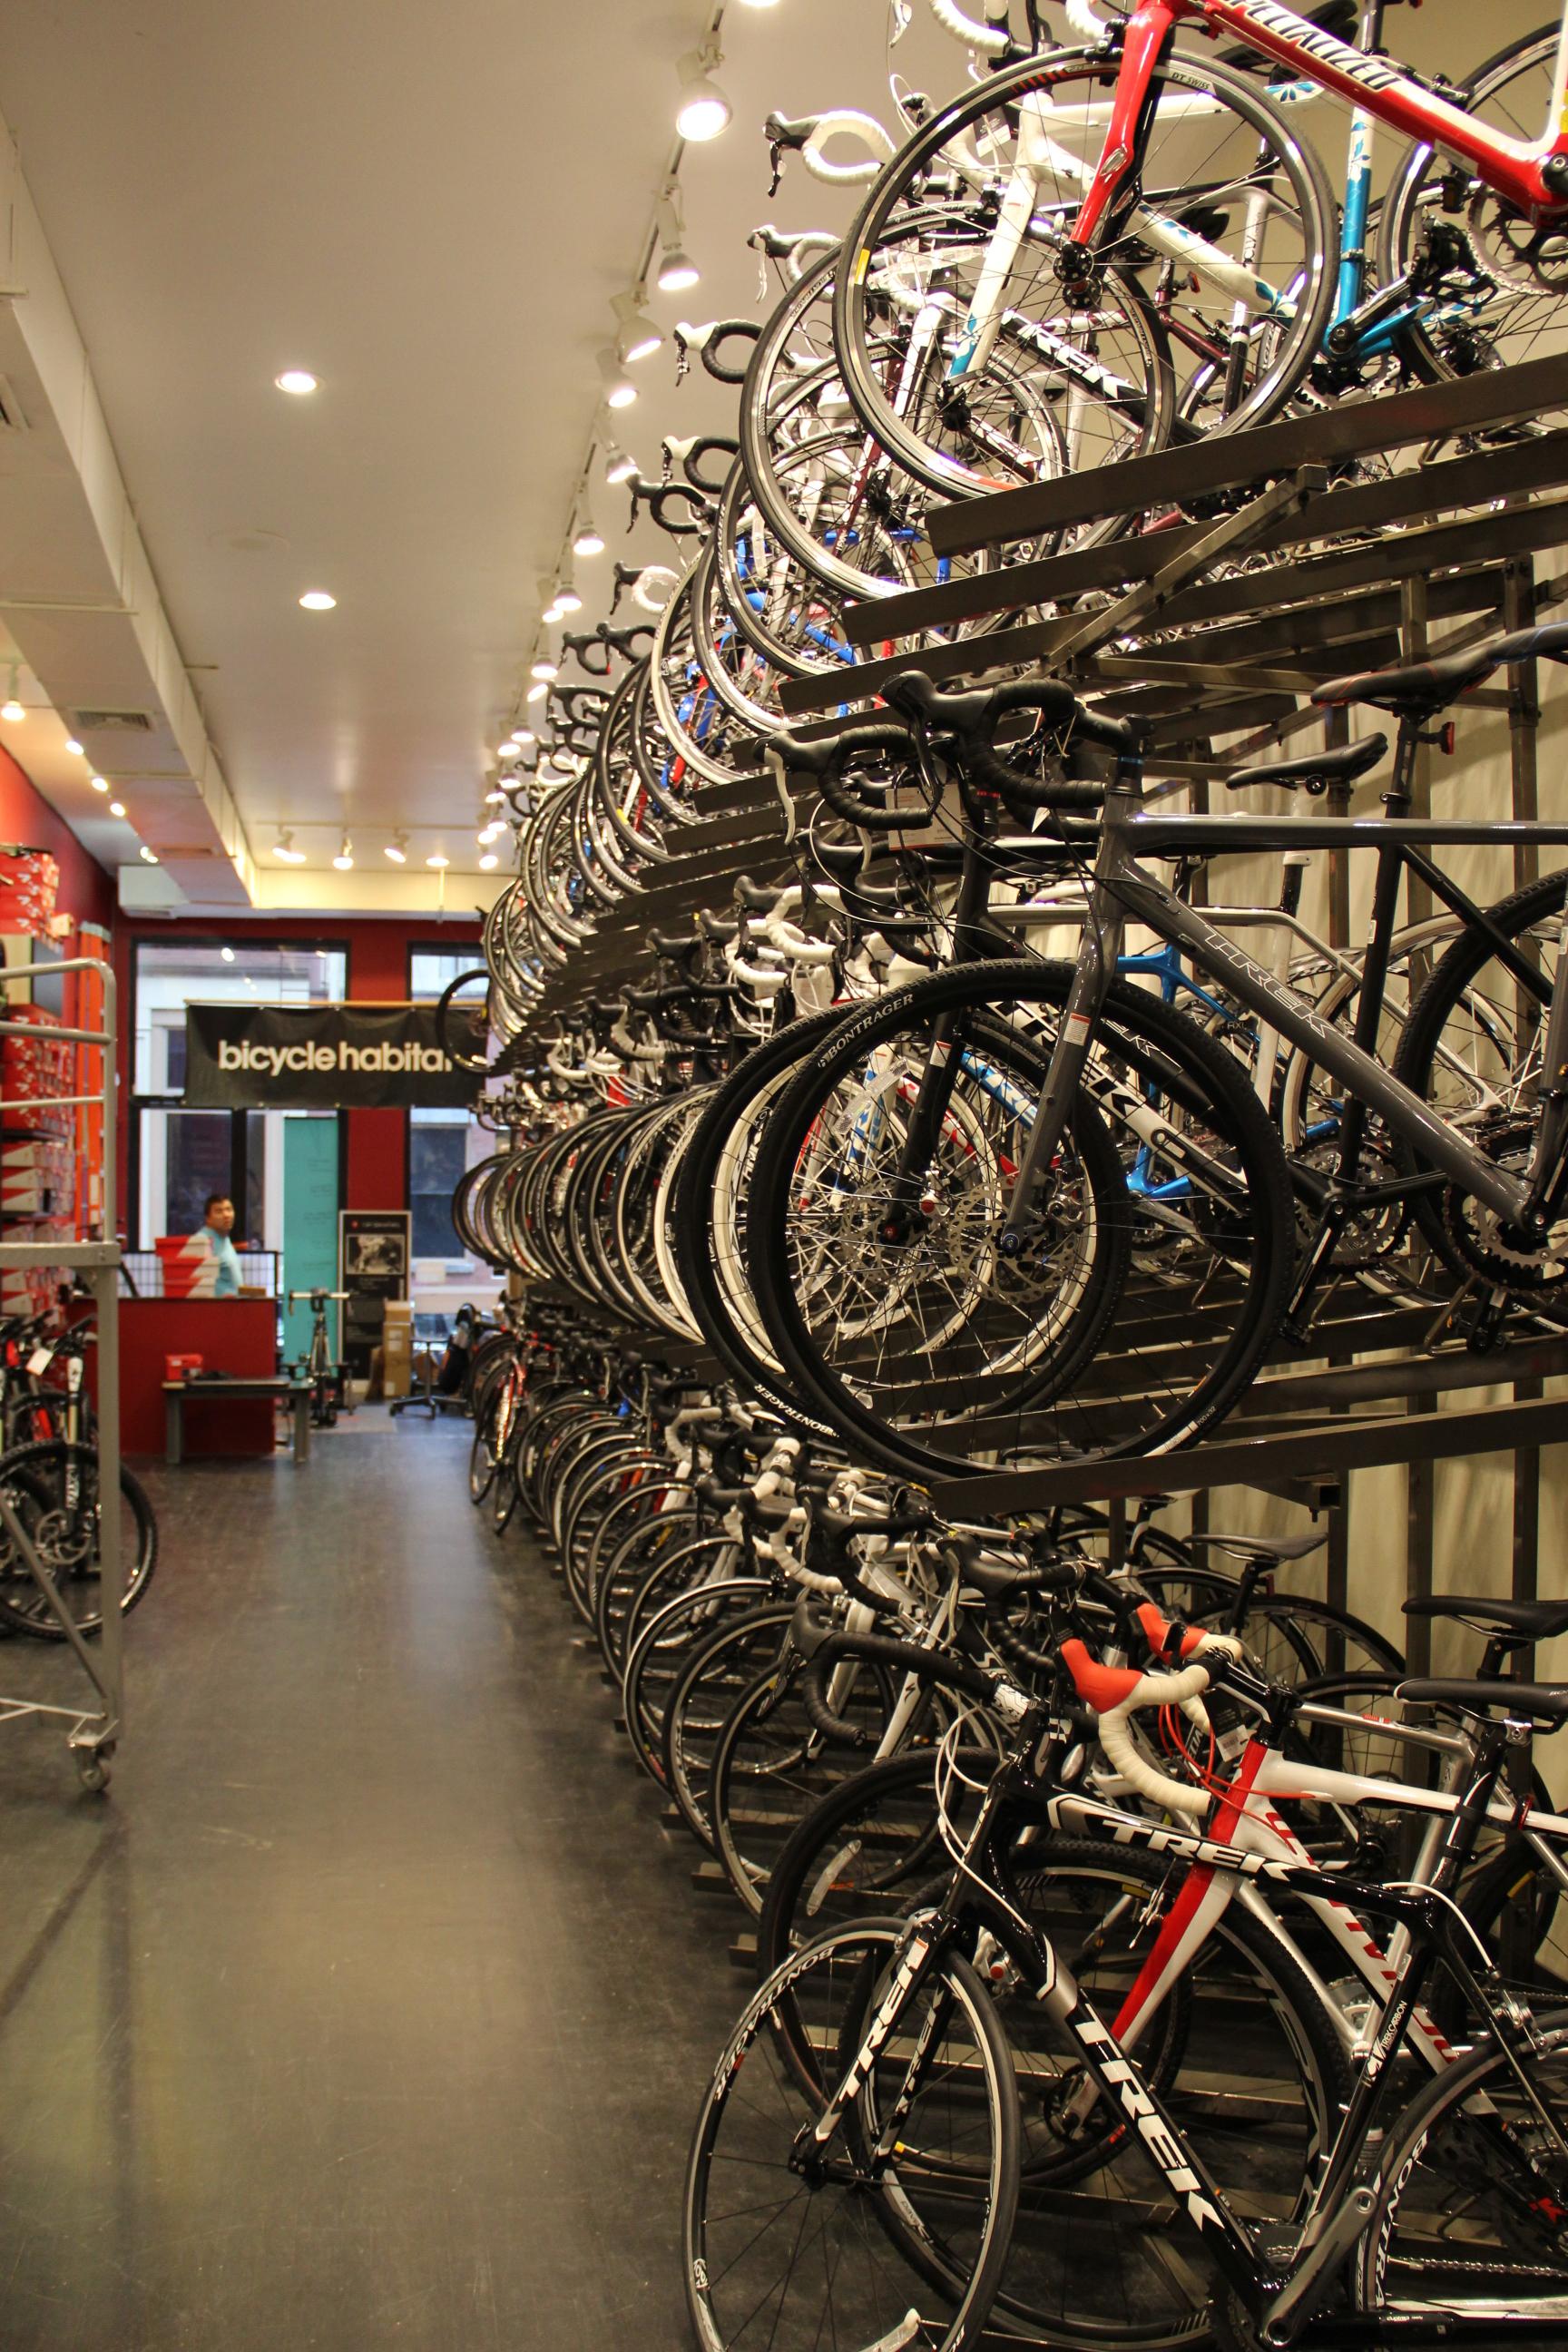 comprar bicicleta em nova iorque